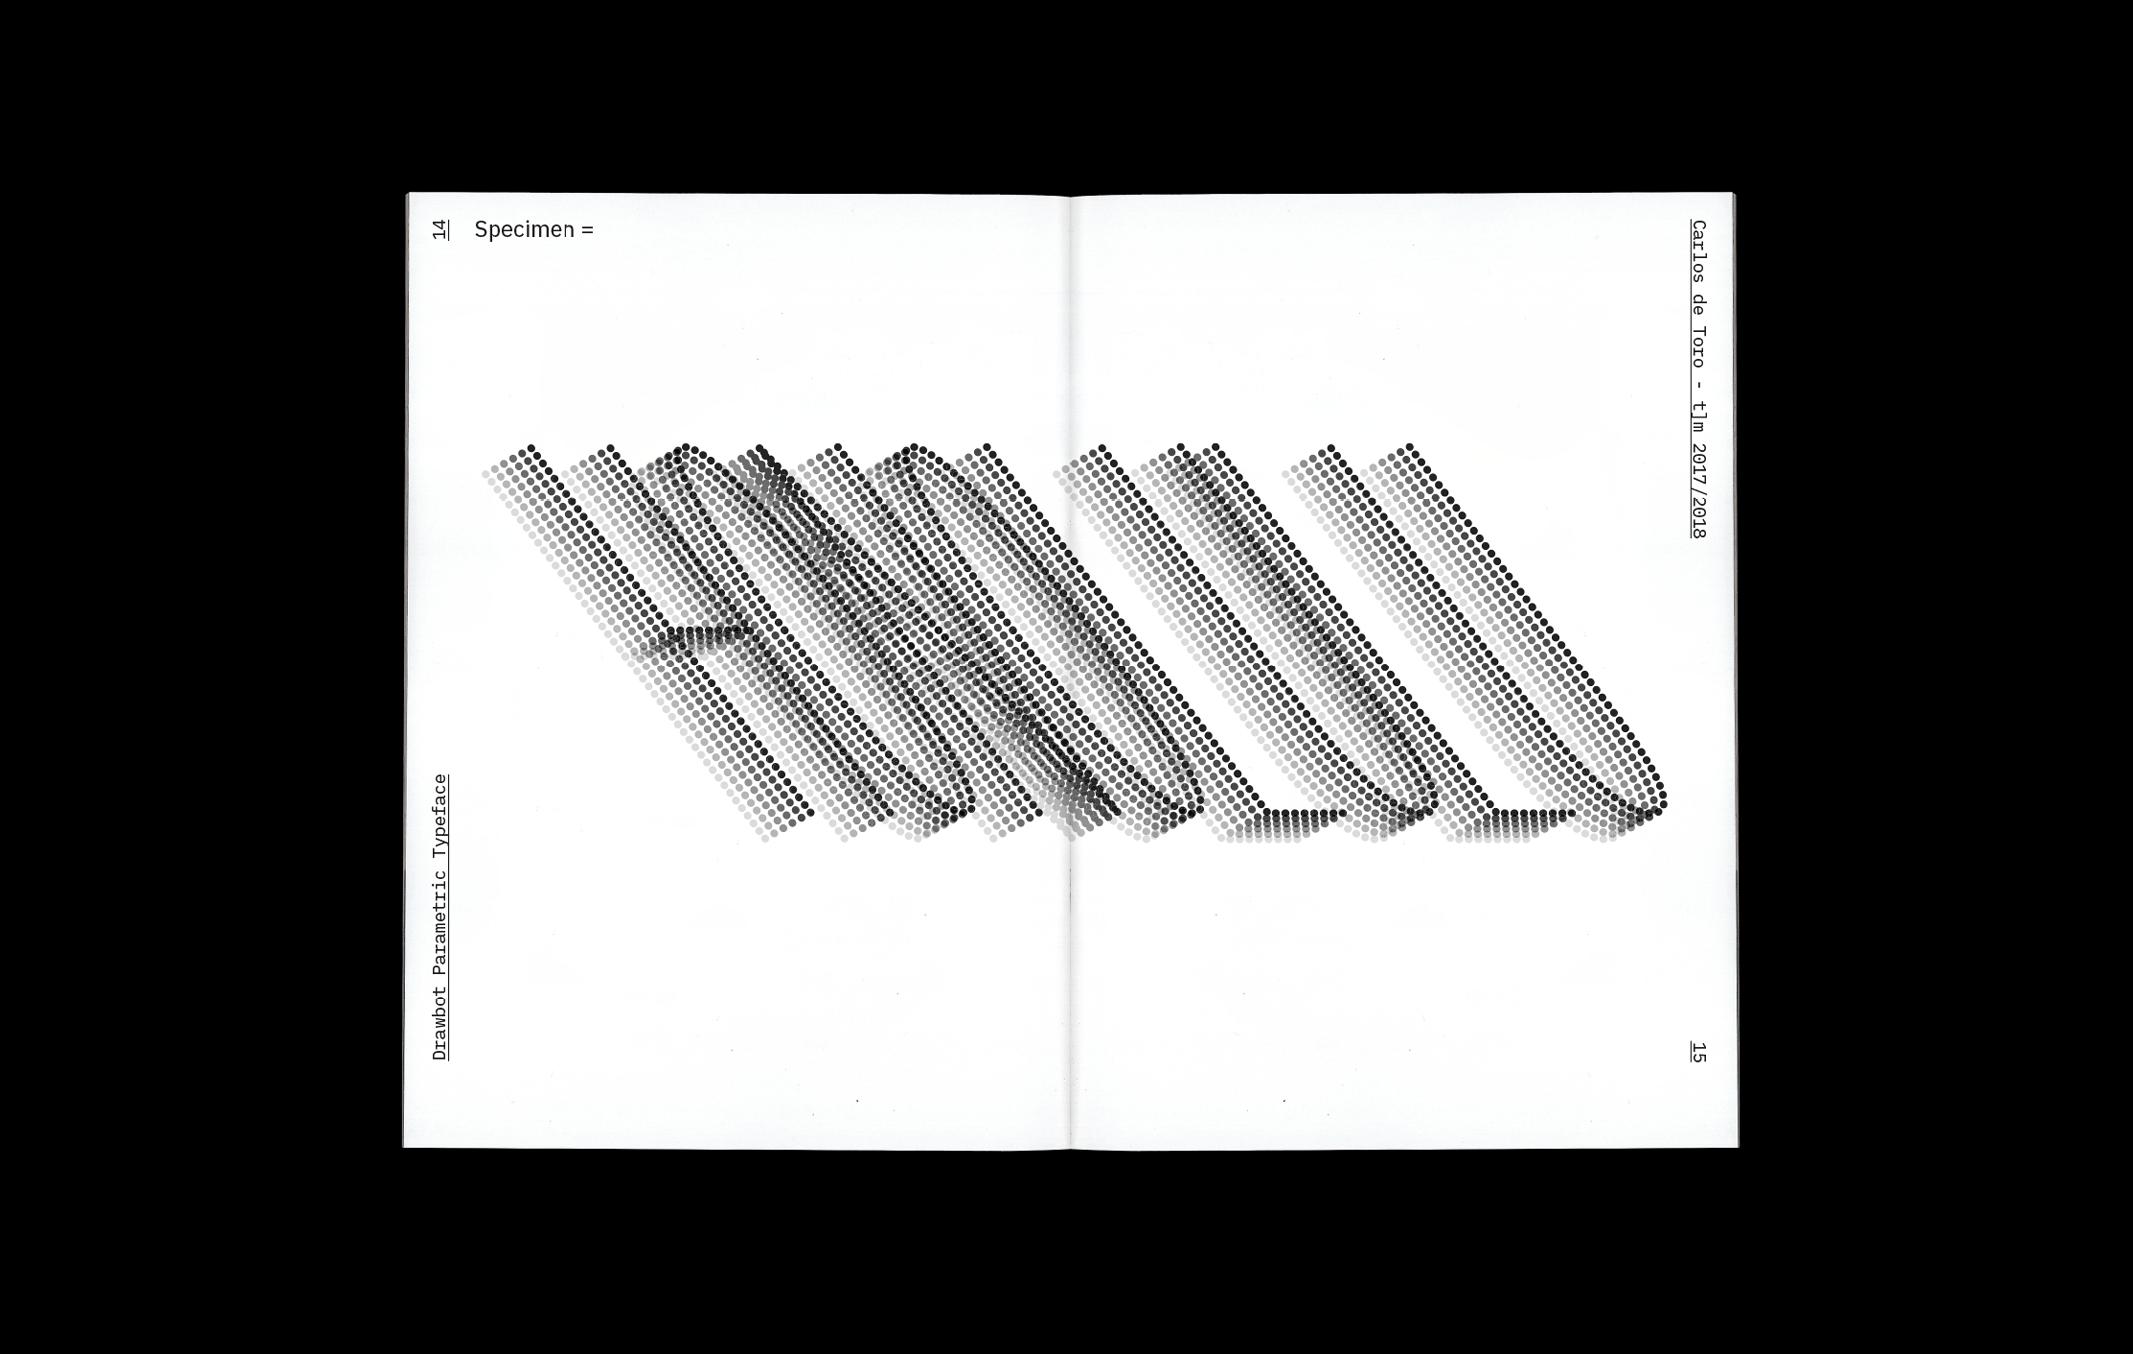 Carlos_de_Toro_Type_Design8 (1)